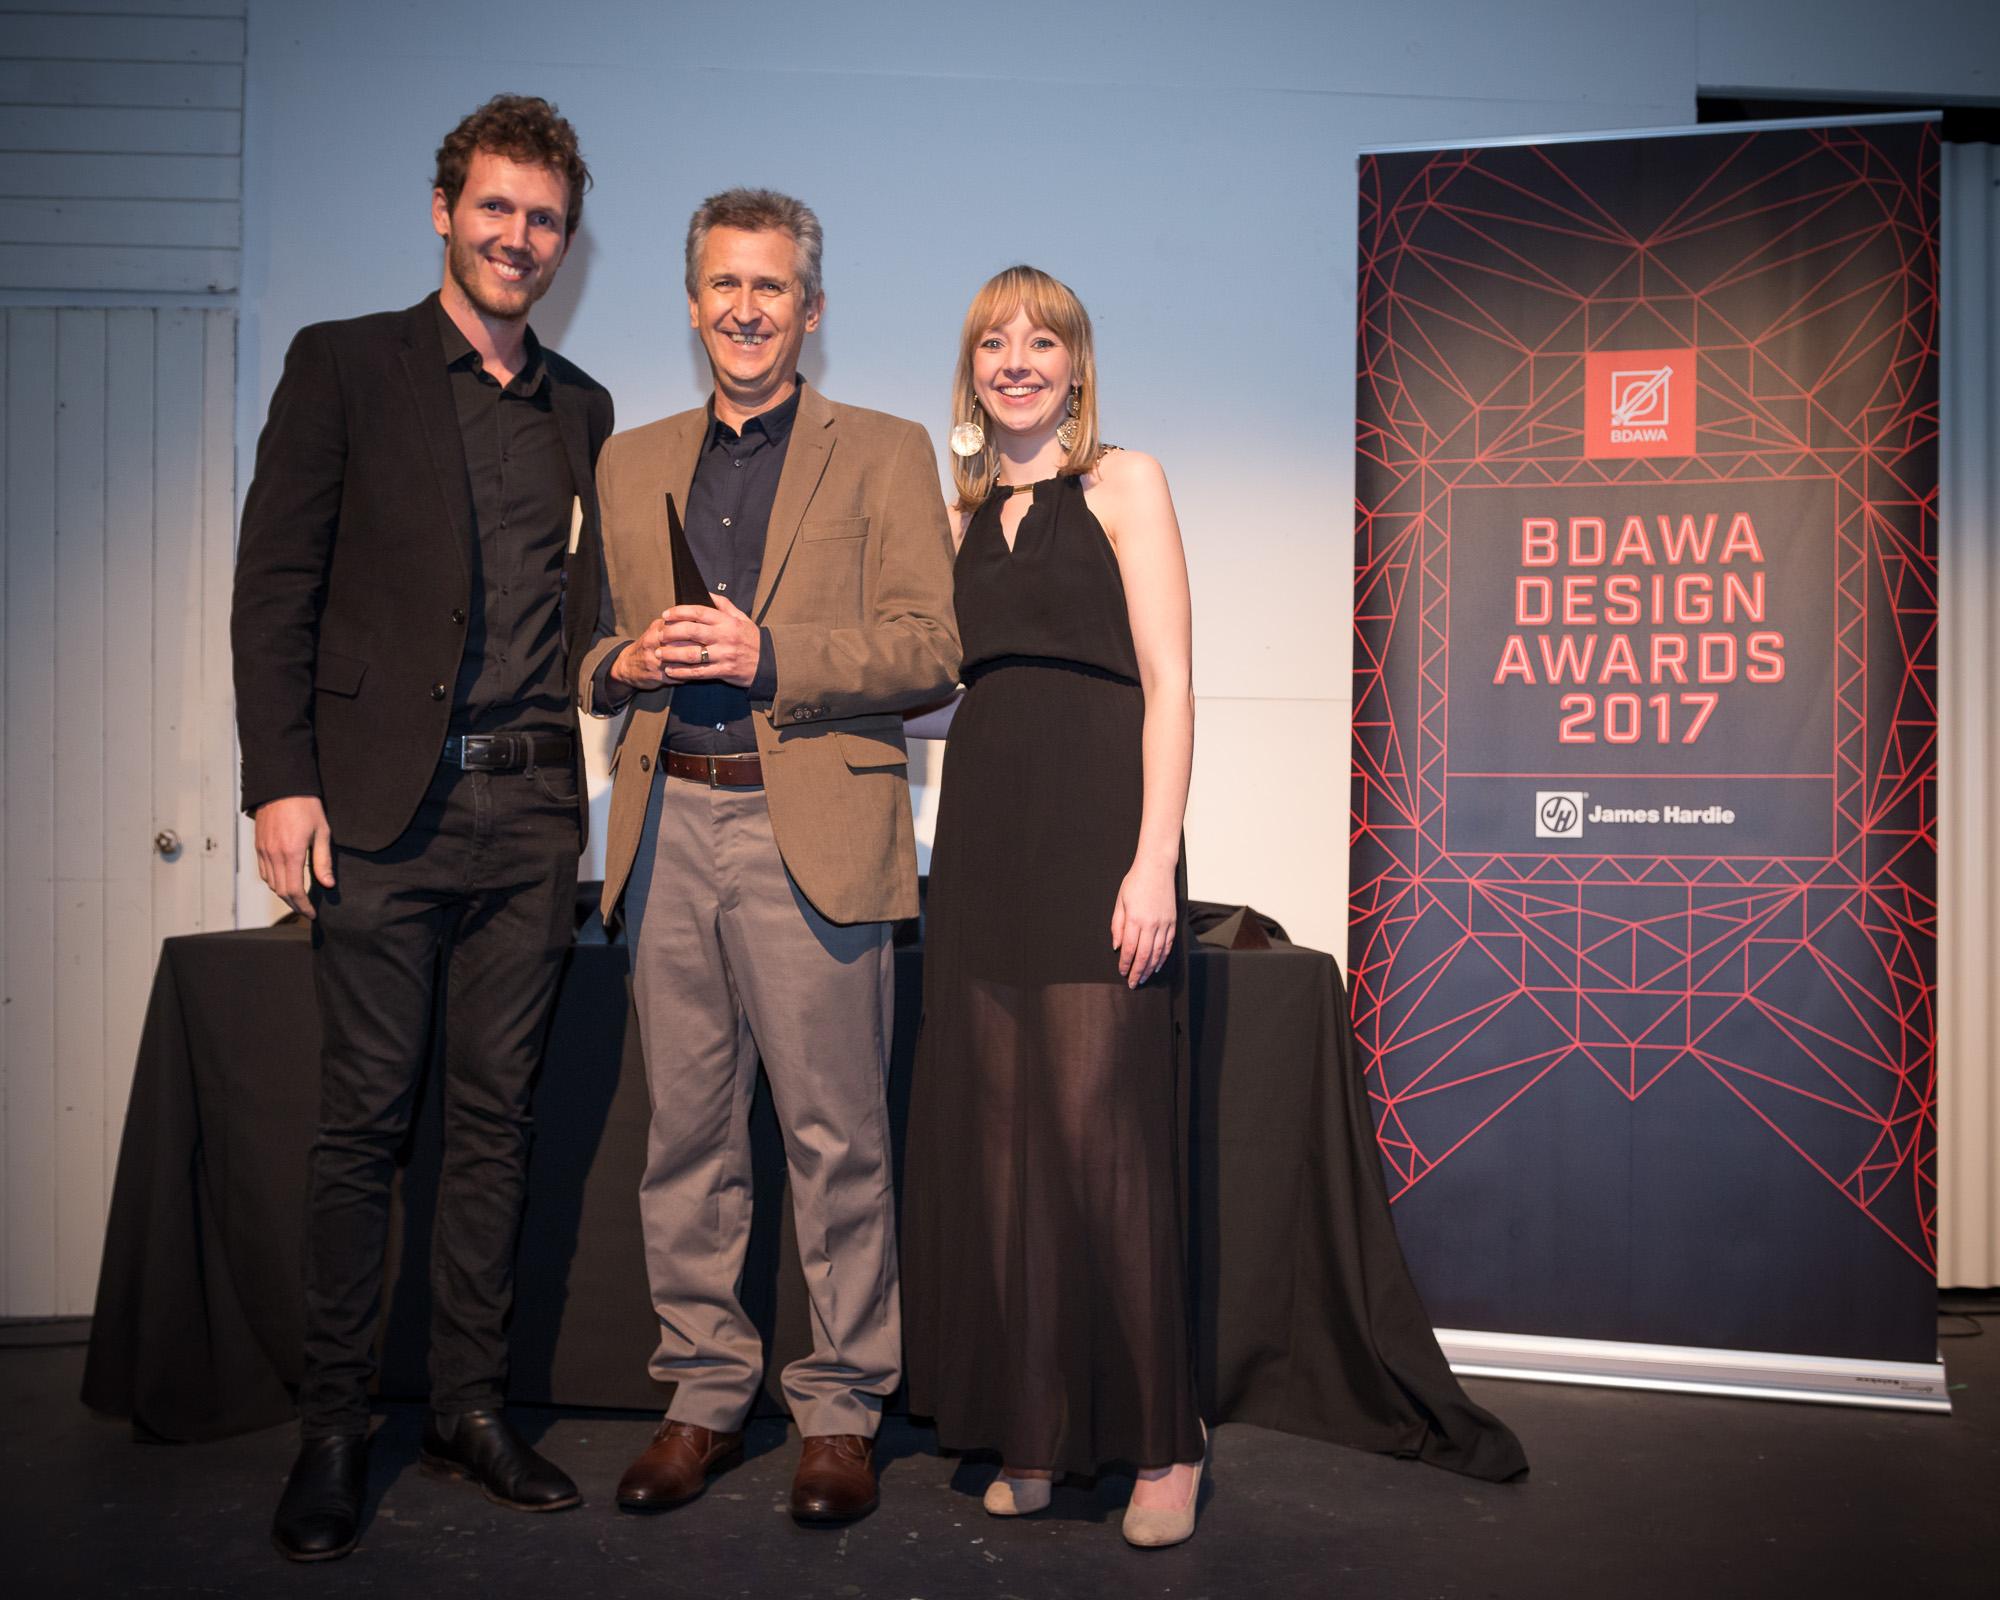 0130 BDA WA Awards 2017 _JHG7339.jpg